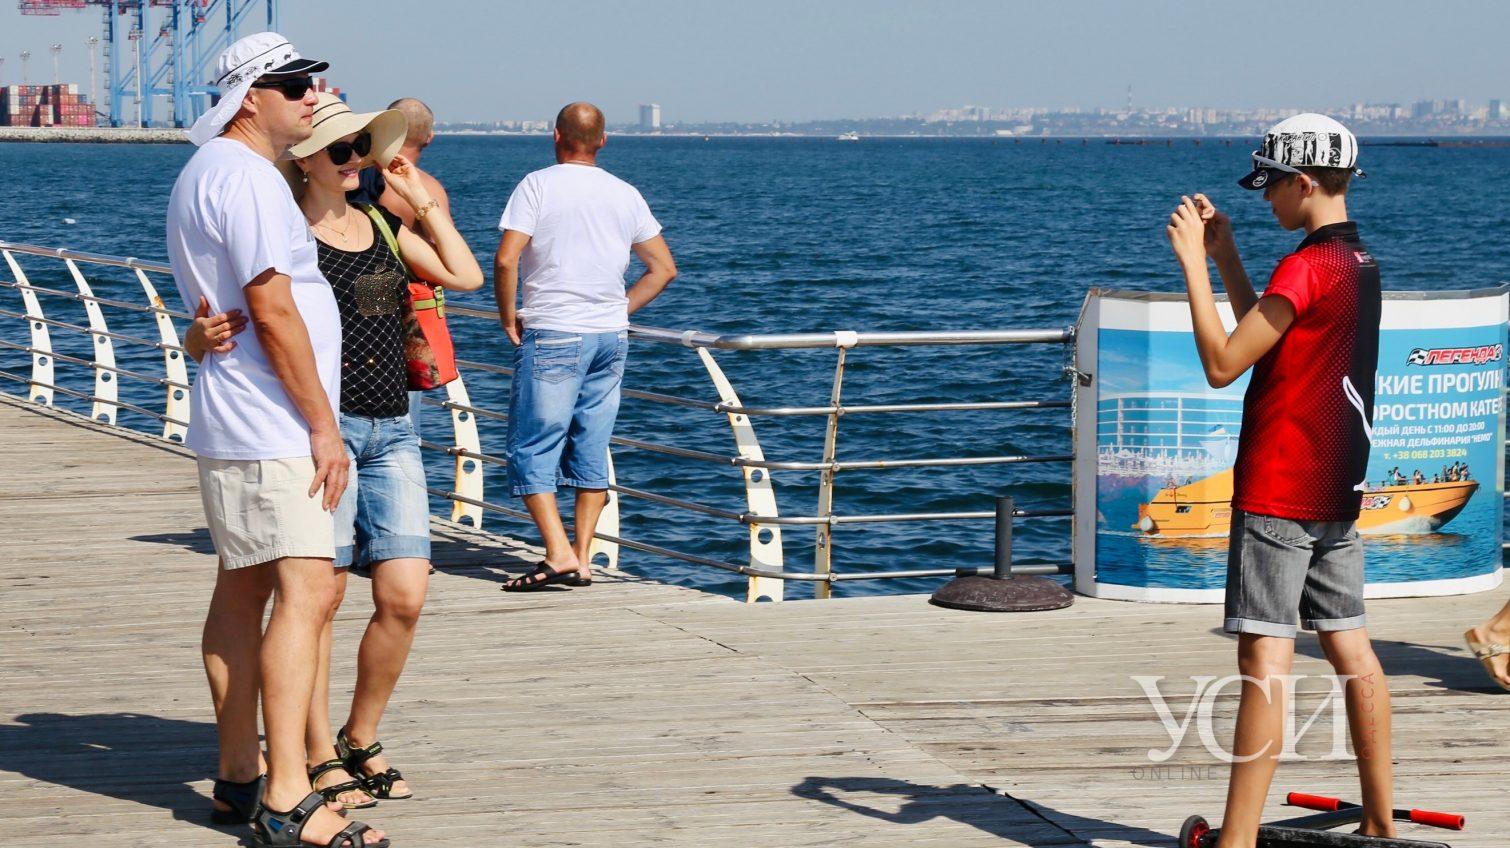 Летнее море осенью: одесситы вышли на пляж (фоторепортаж) «фото»